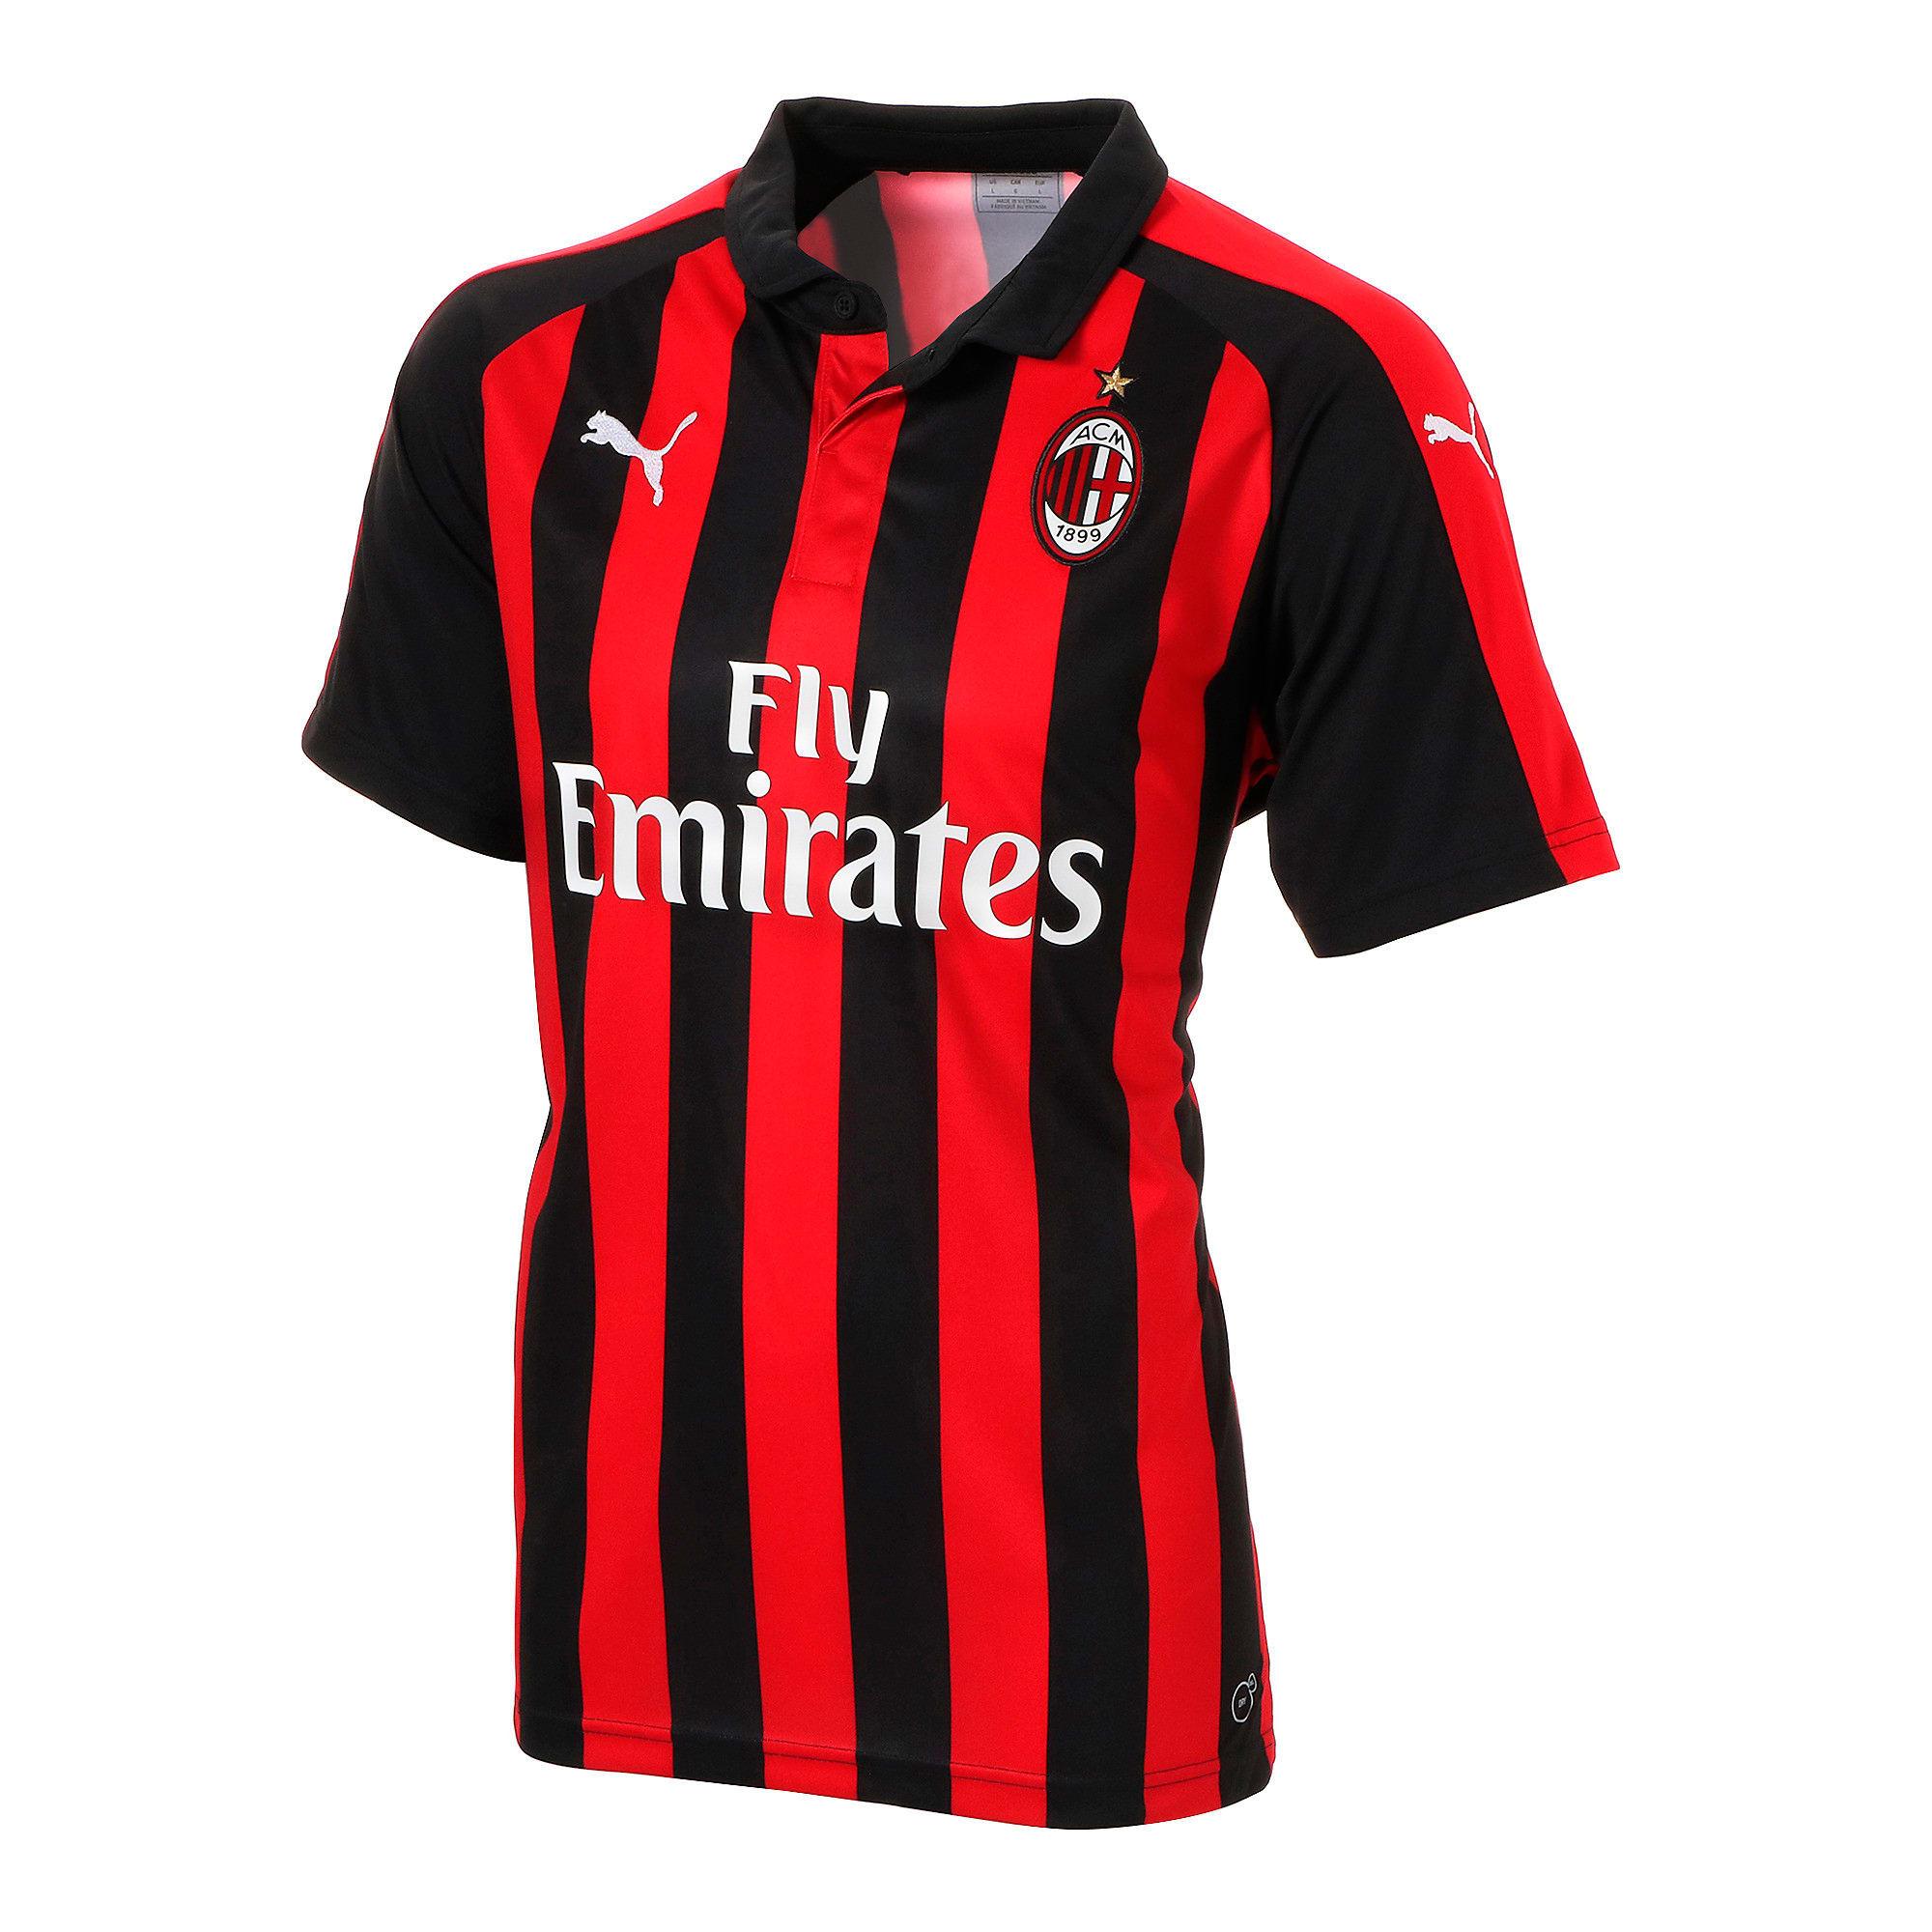 Thumbnail 1 of AC MILAN SS ホーム レプリカシャツ 半袖, Tango Red-Puma Black, medium-JPN